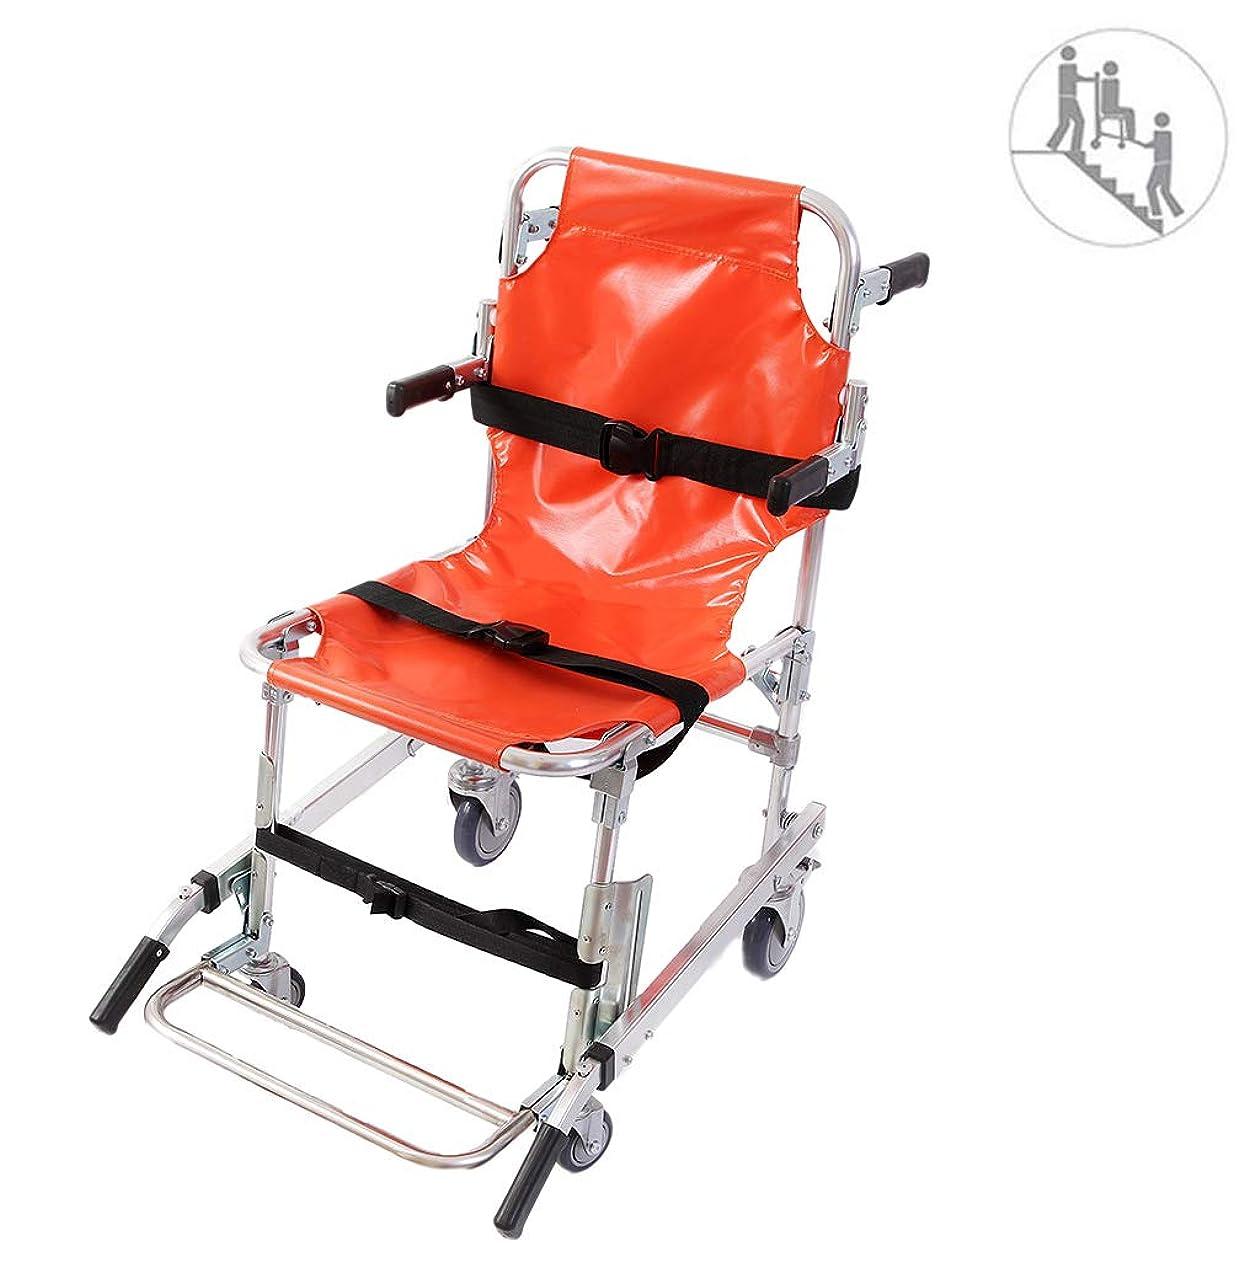 より平らなデジタル儀式EMS階段椅子4つの車輪で、救急車避難医療輸送椅子患者拘束ストラップ付き350ポンドの容量